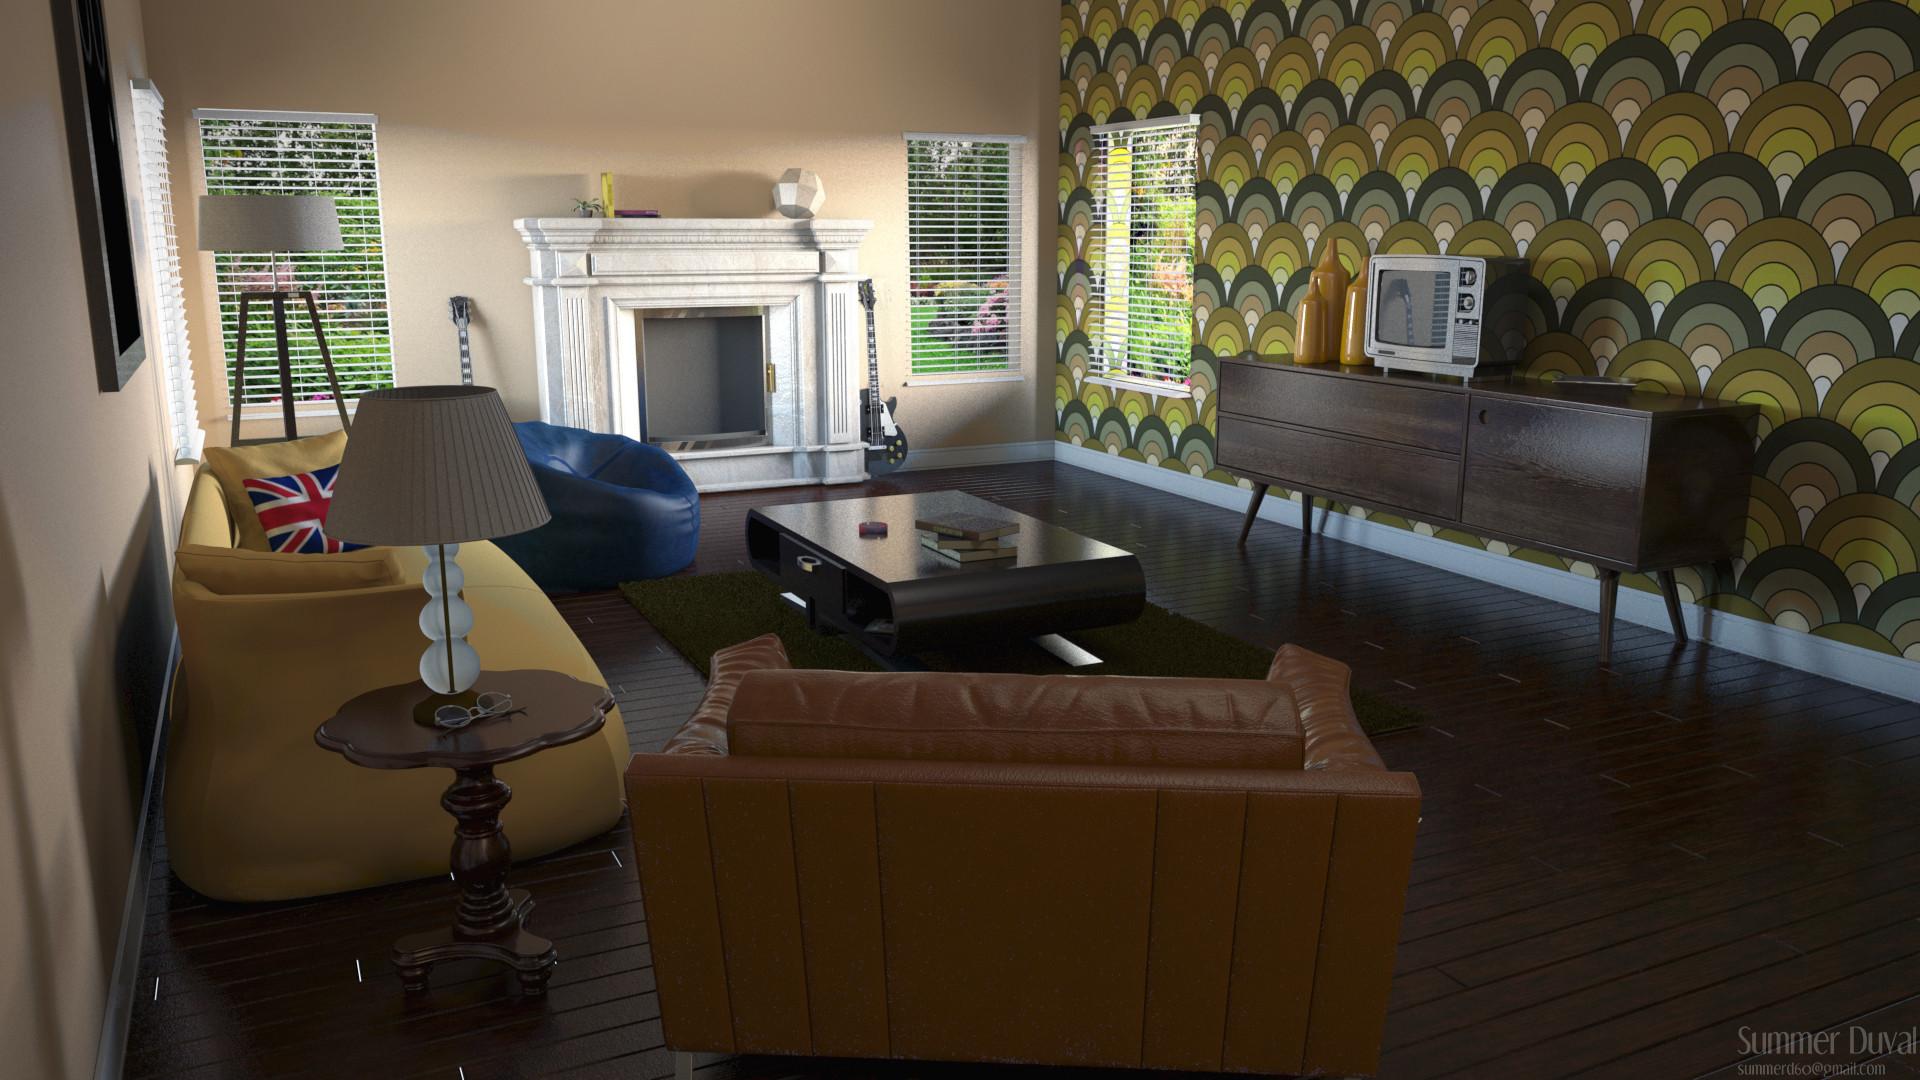 Summer Duval 3D Modeler - John Lennon\'s Living Room